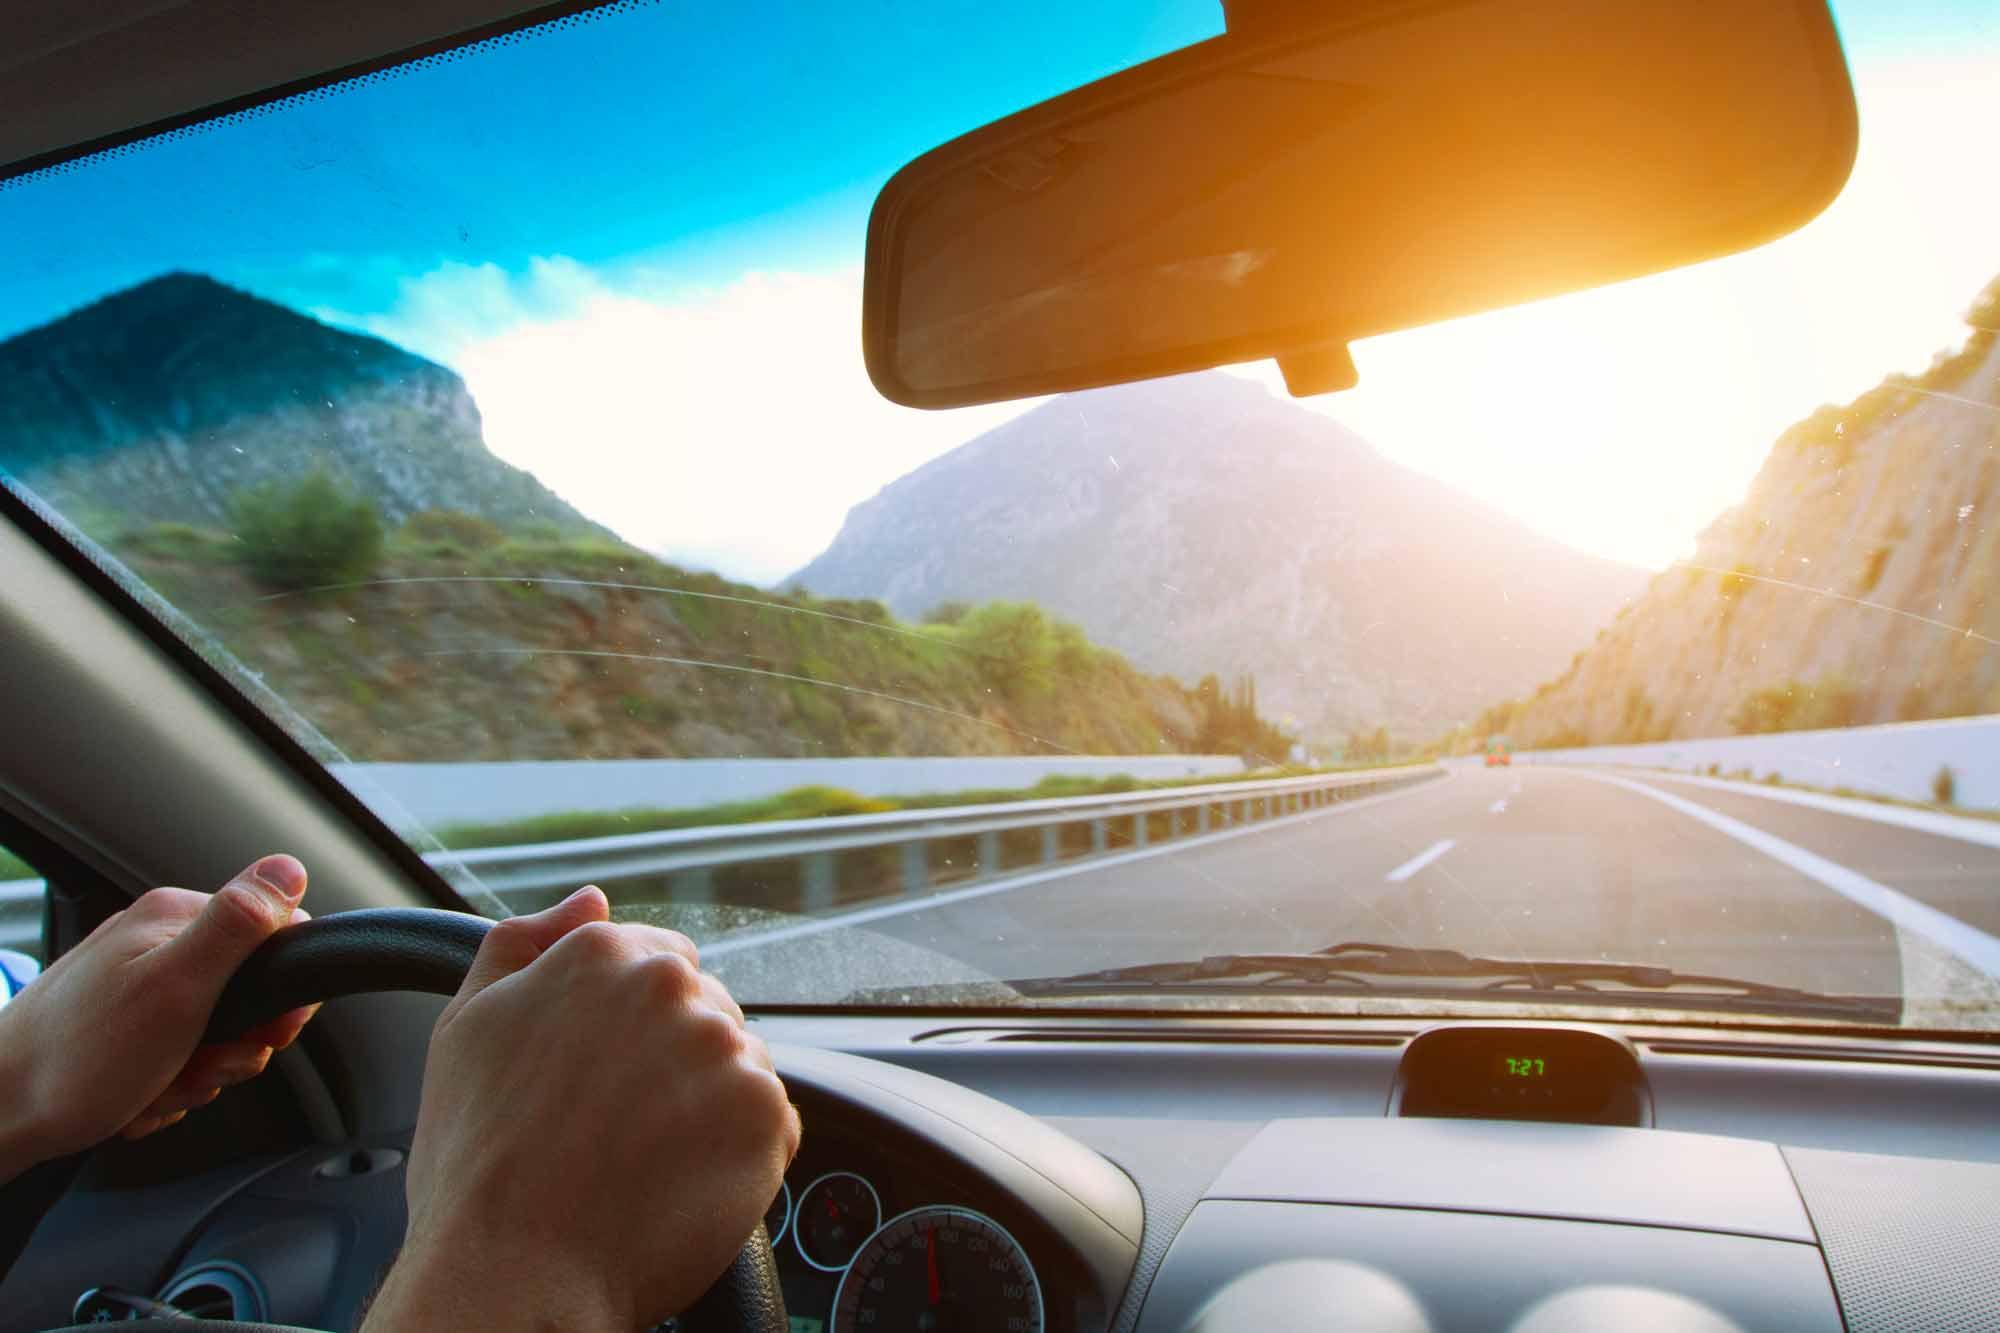 Guidare con la patente scaduta